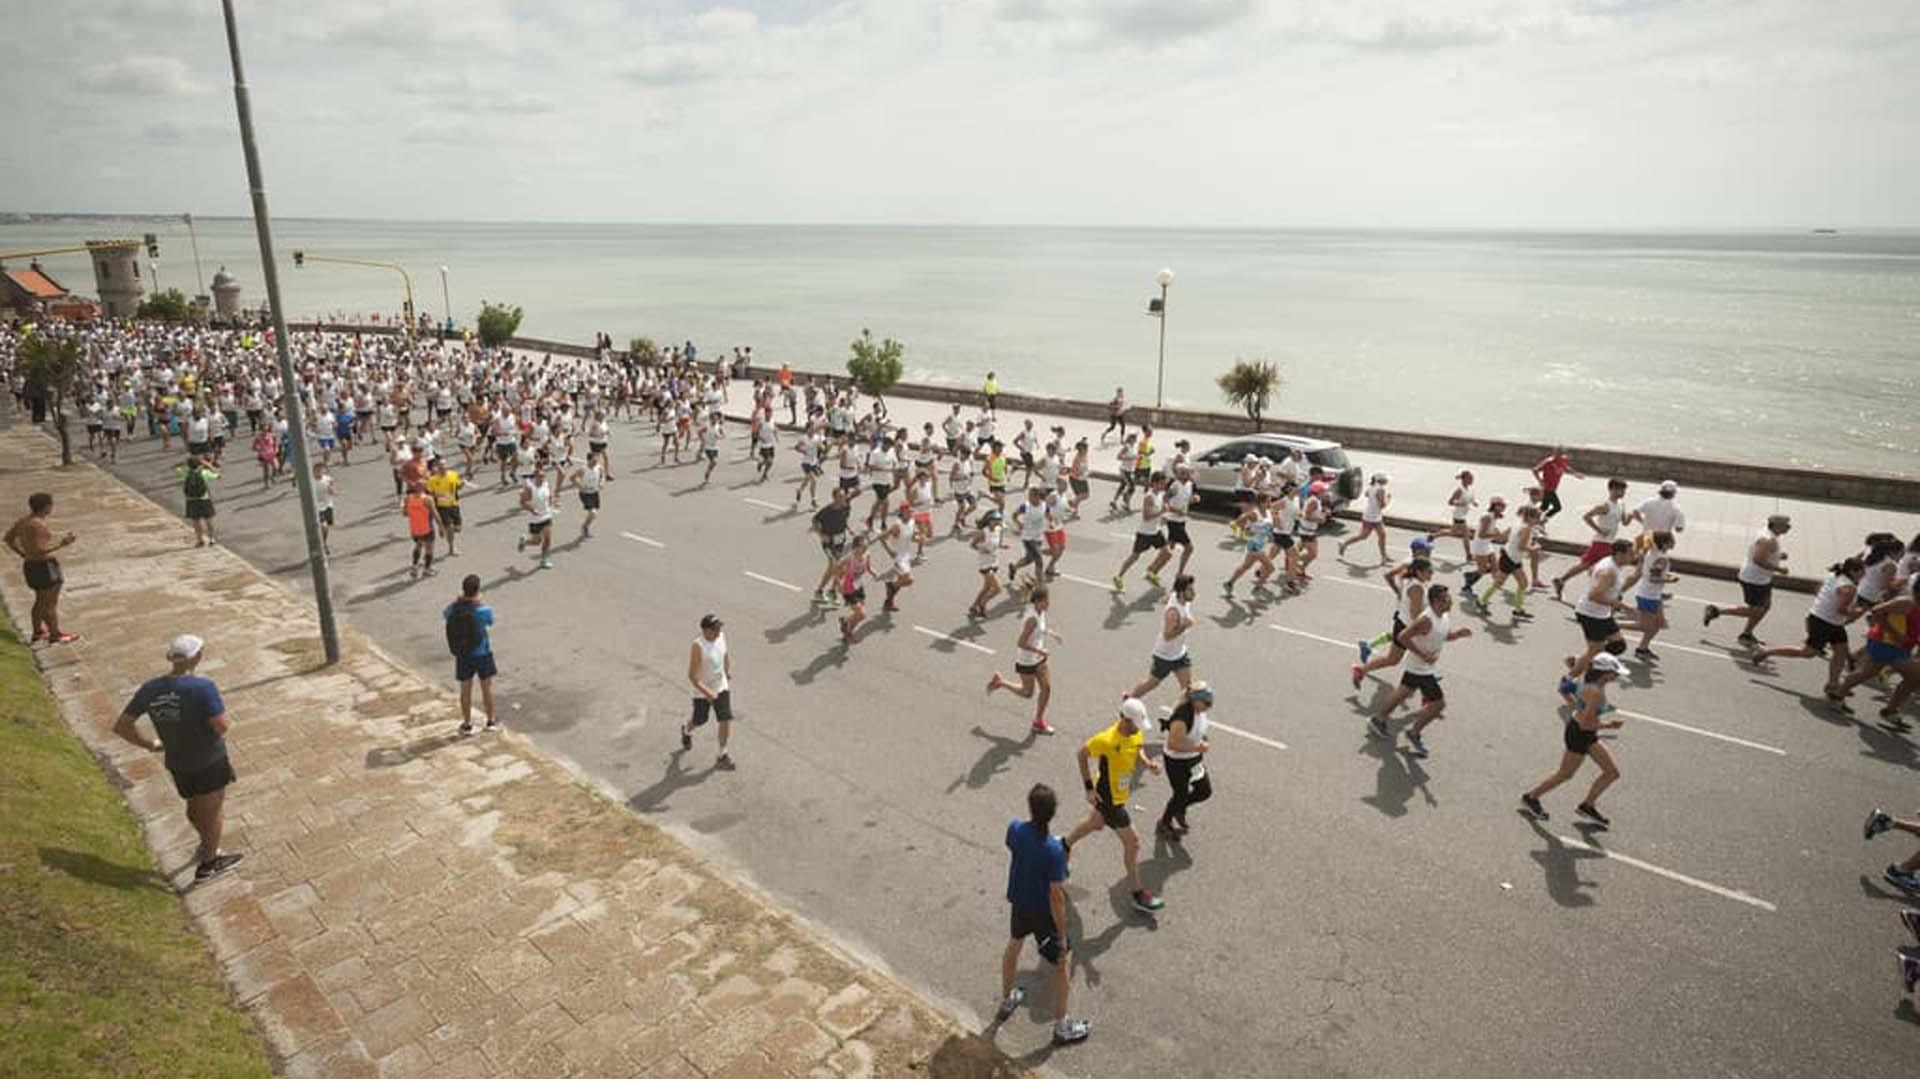 La norma impactaría en especial a los que practican running, ya que la mayoría elige esta disciplina para practicar en la costa